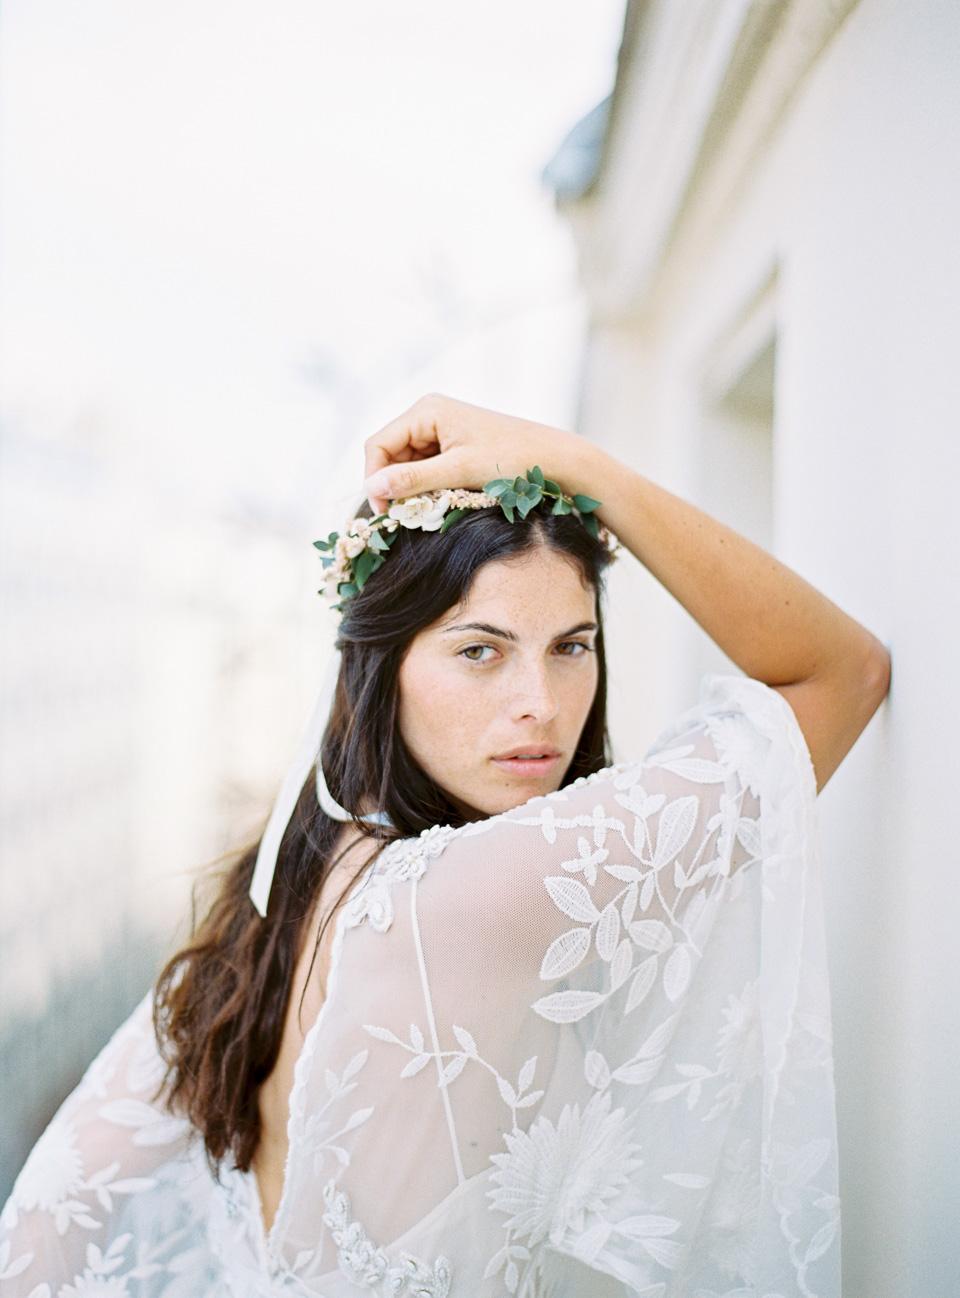 Editorial_RueDeSeine_Wedding_Gowns_JeanLaurentGaudy_FULL003